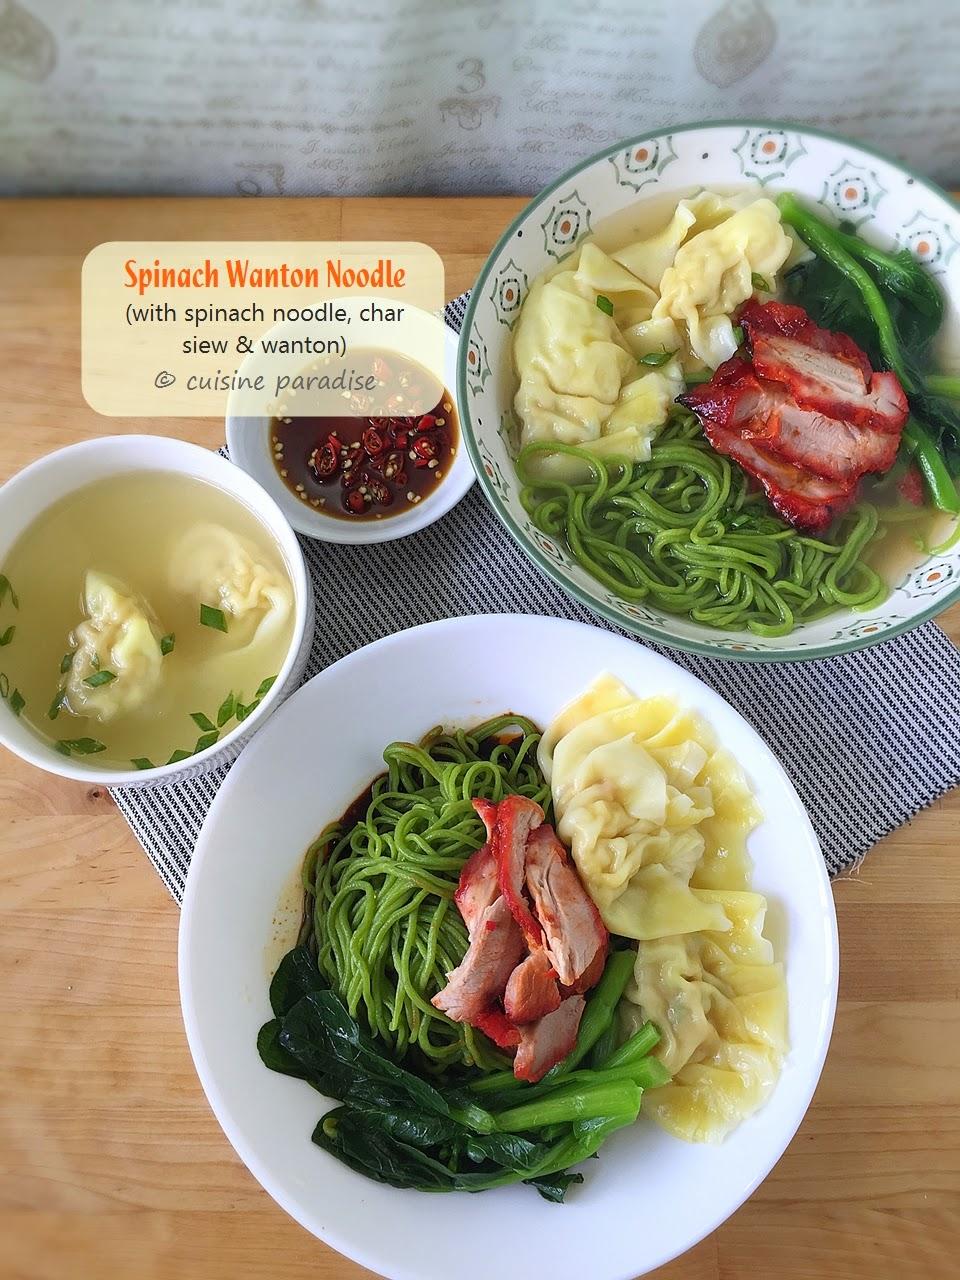 Spinach Wanton Noodle